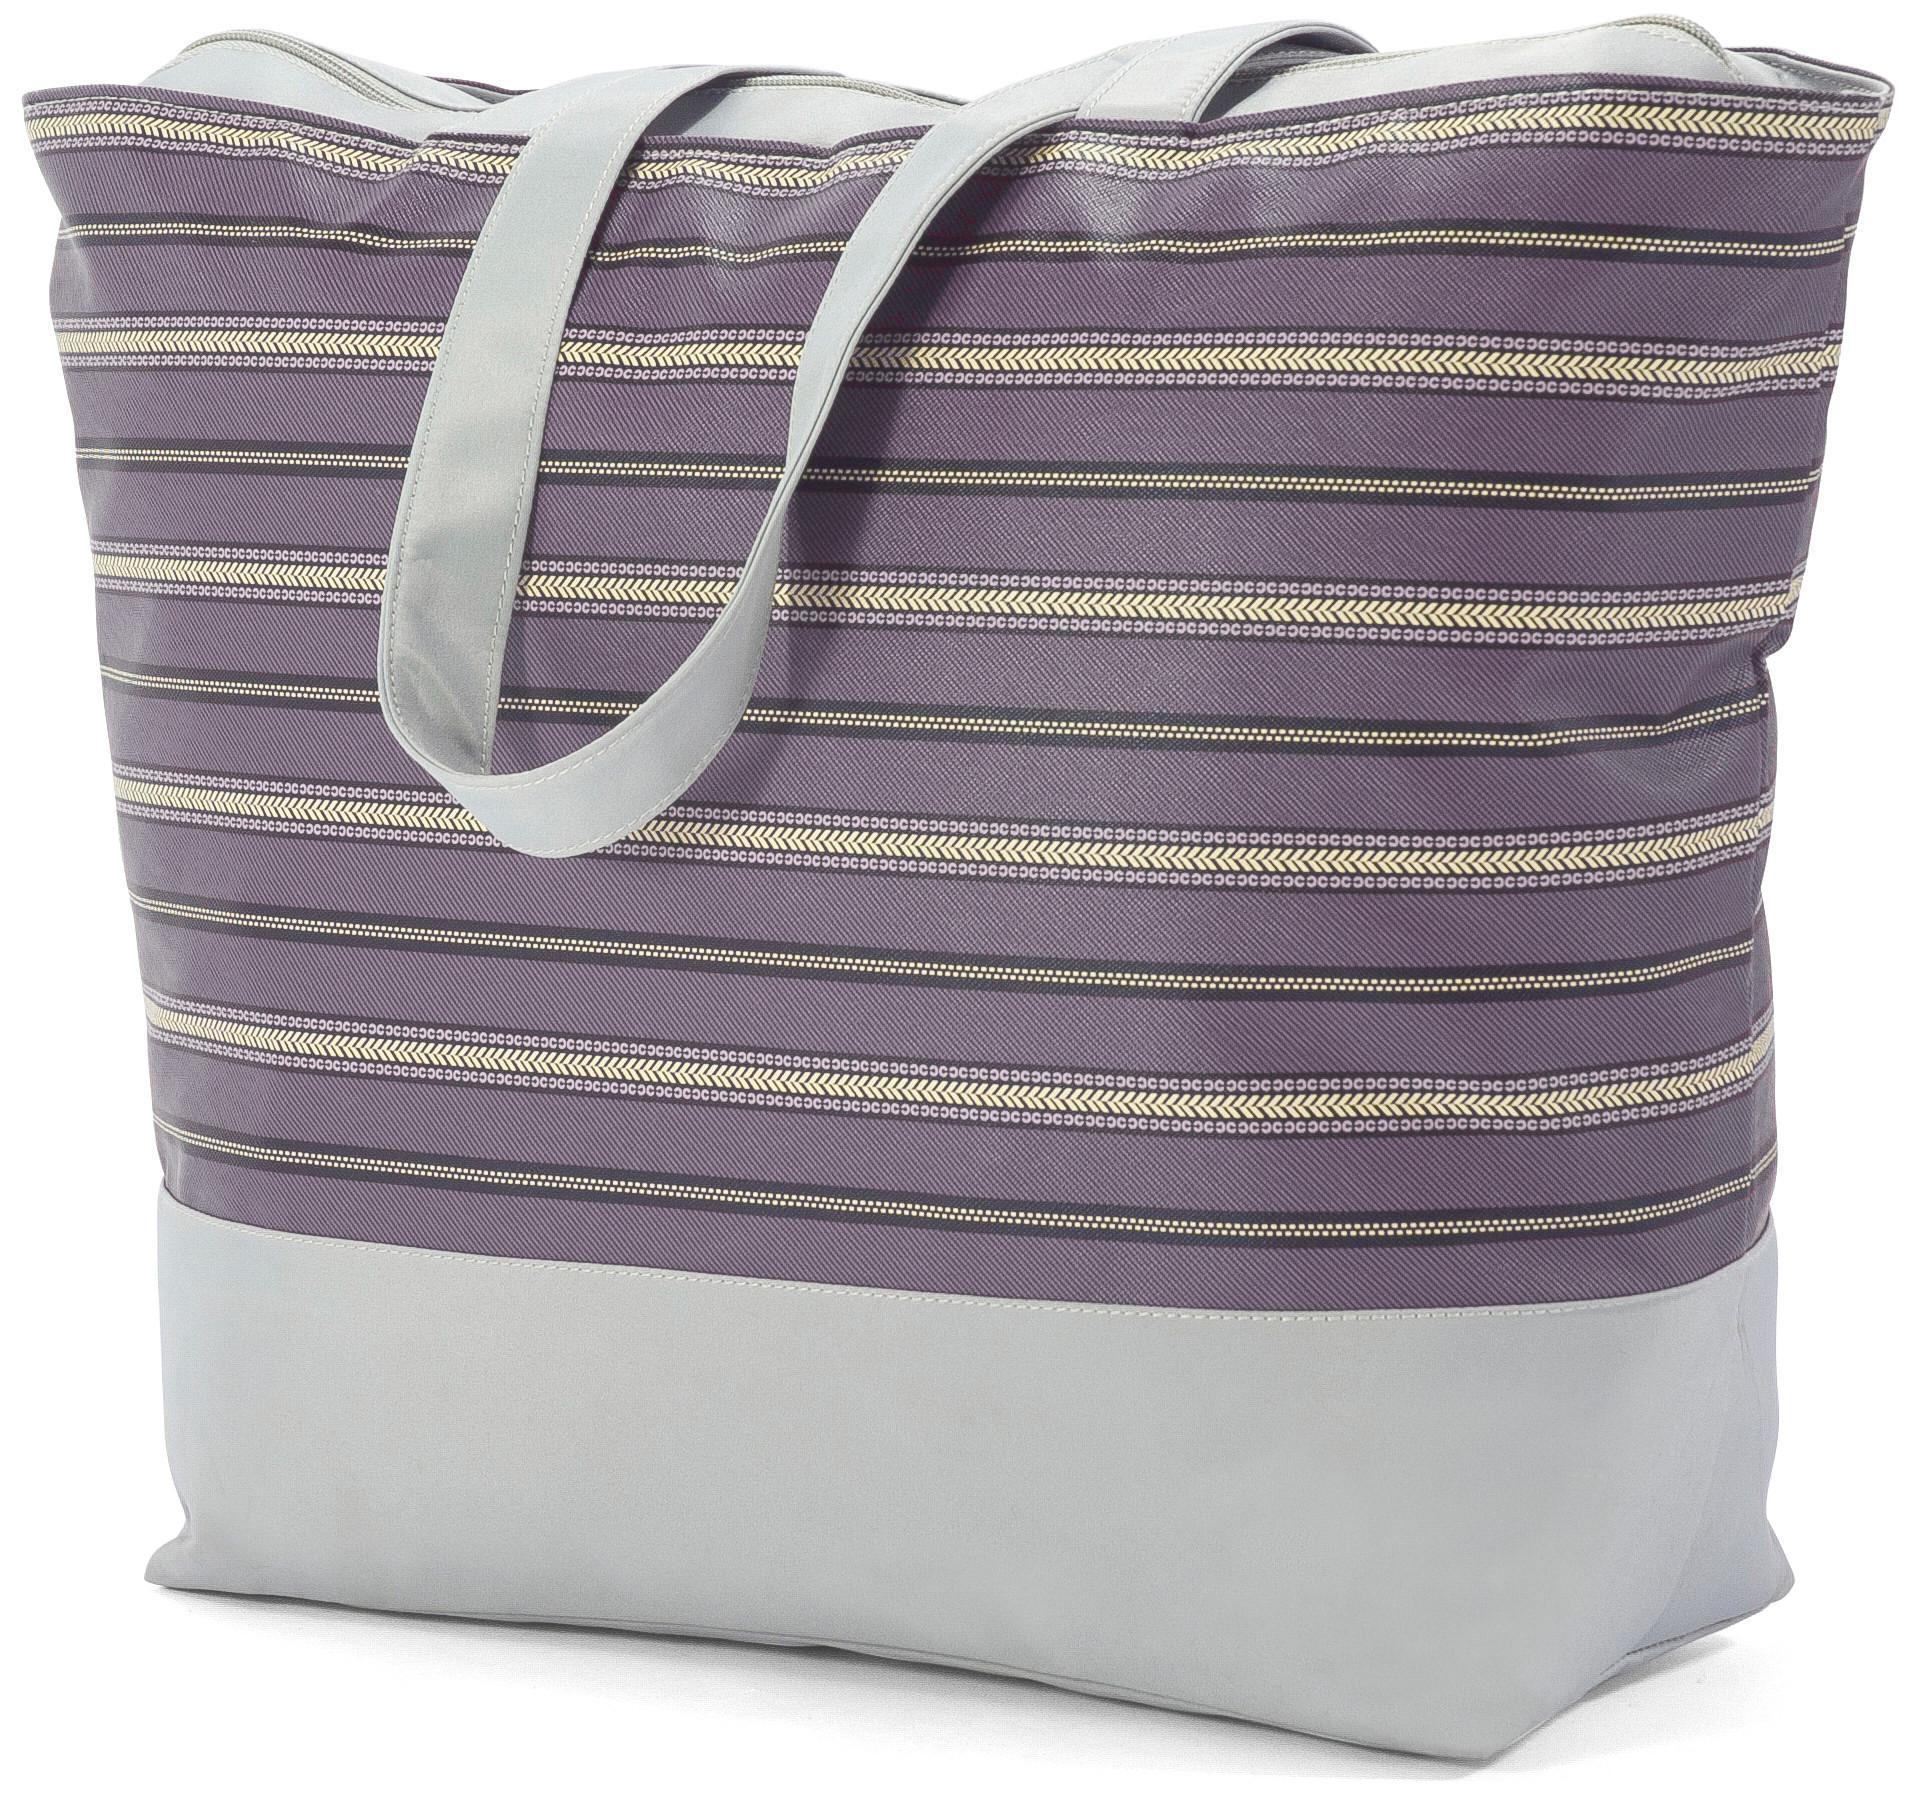 Τσάντα Θαλάσσης Benzi BZ5003 Γκρι/Μωβ γυναίκα   τσάντες παραλίας